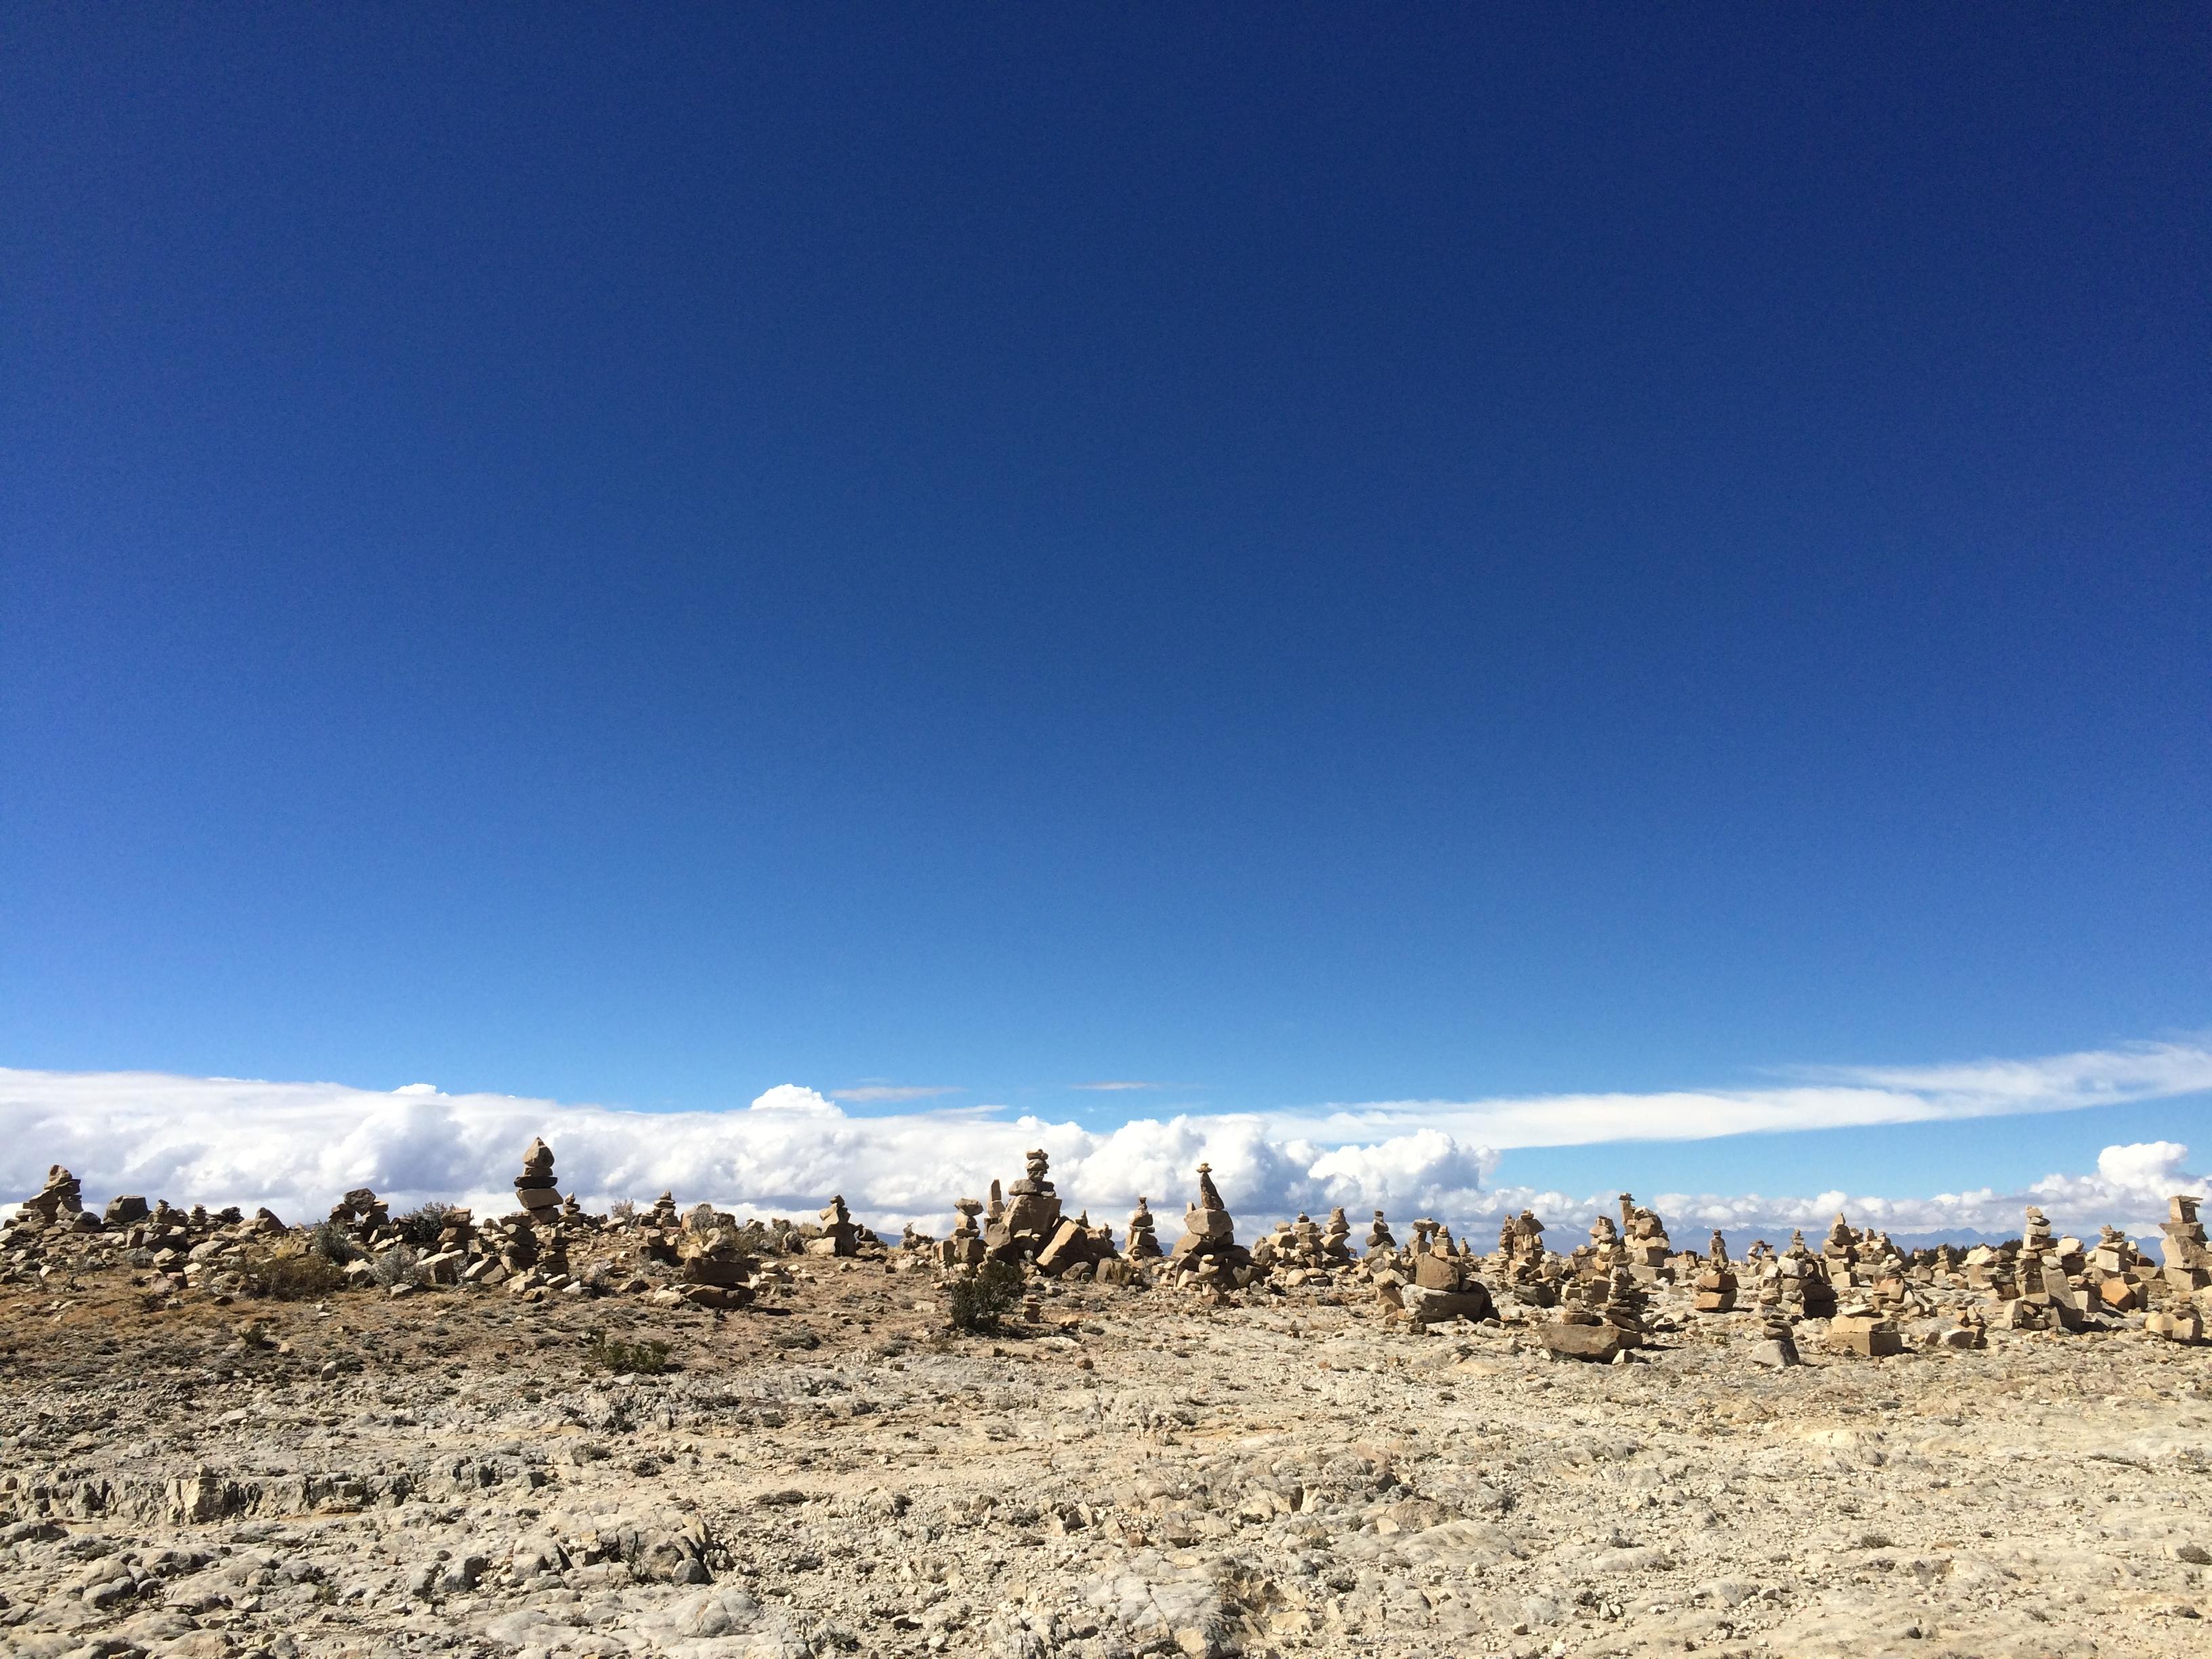 Apachetas, rituales